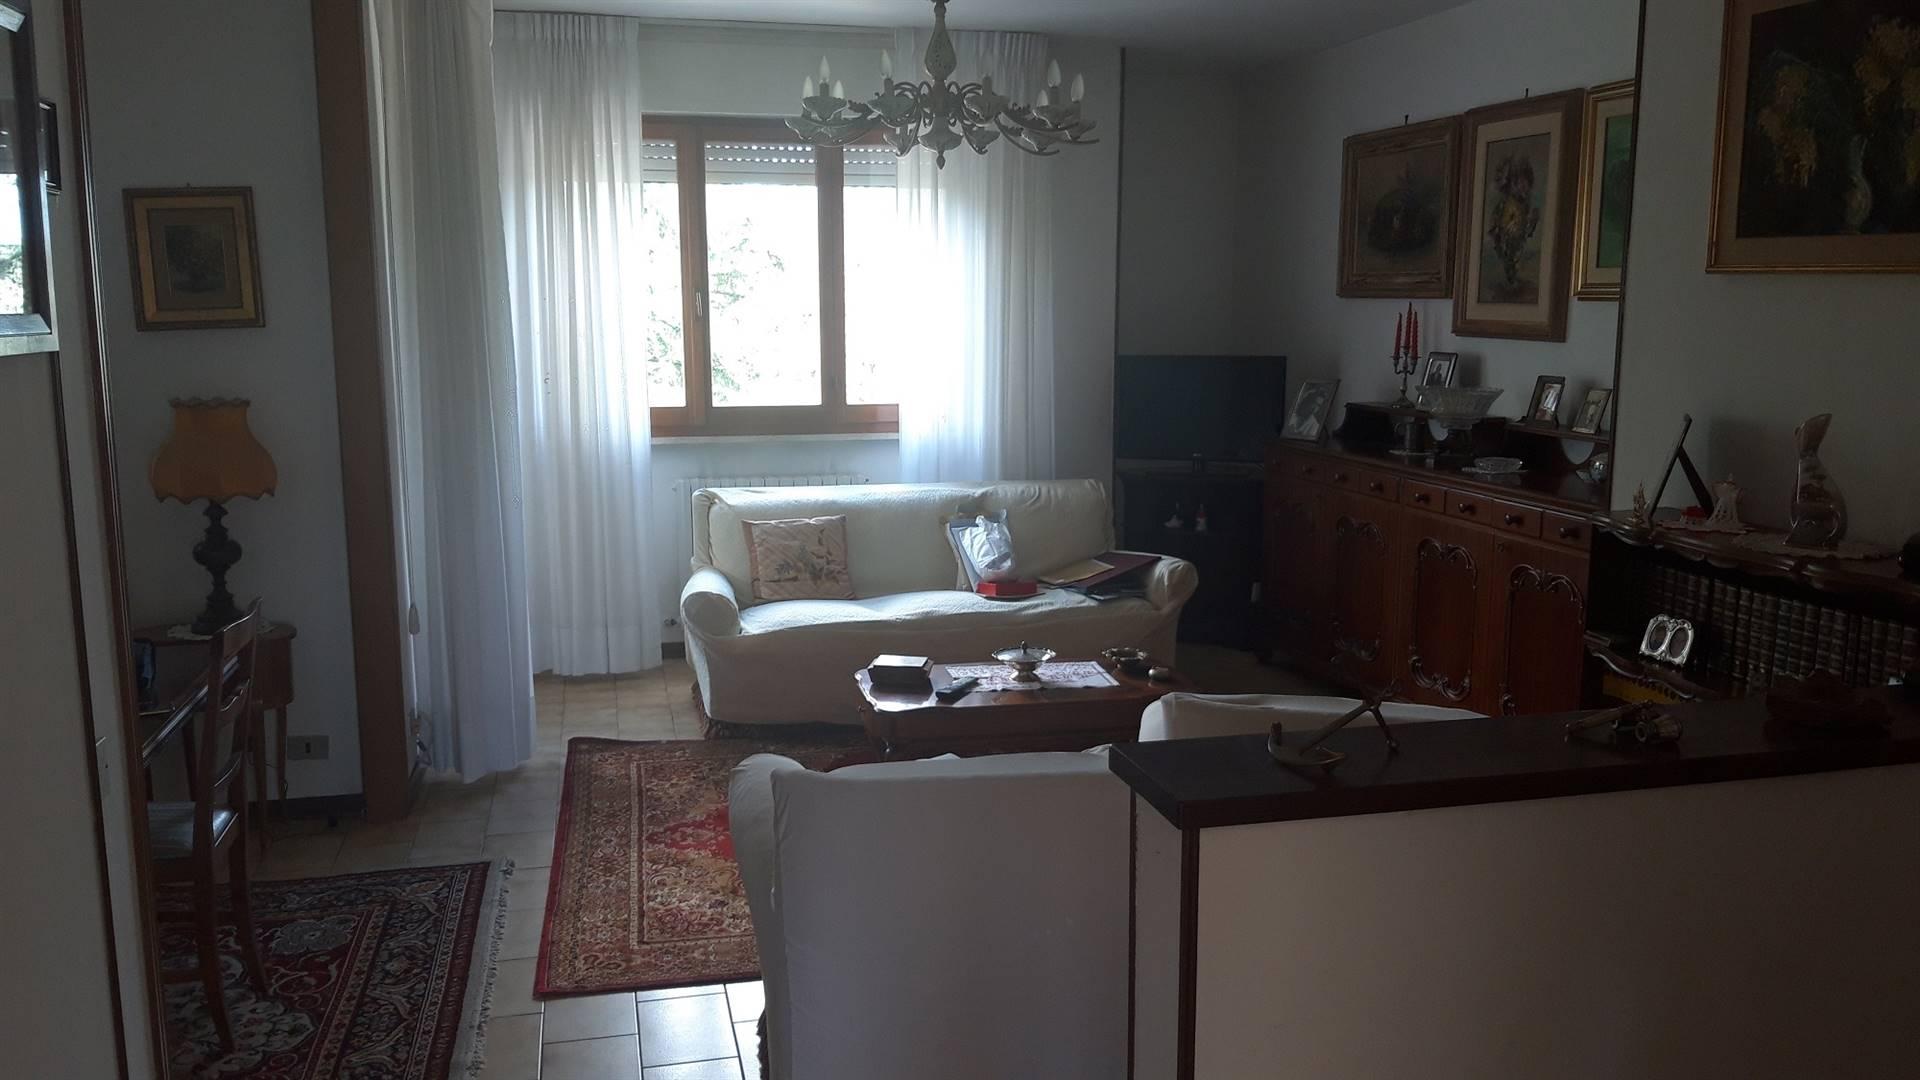 Appartamento in vendita a Jesi, 5 locali, prezzo € 150.000 | CambioCasa.it